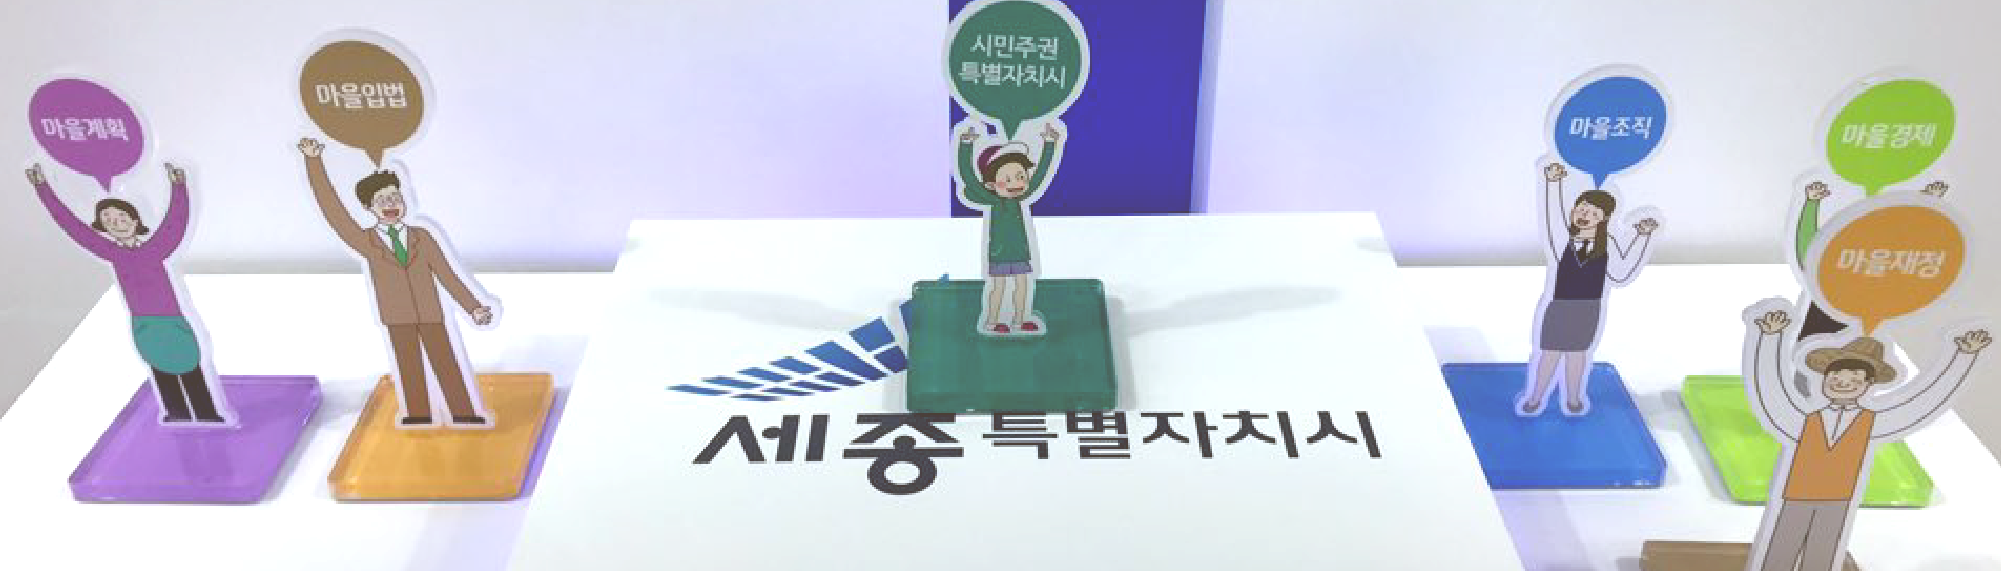 대한민국 지방자치박람회